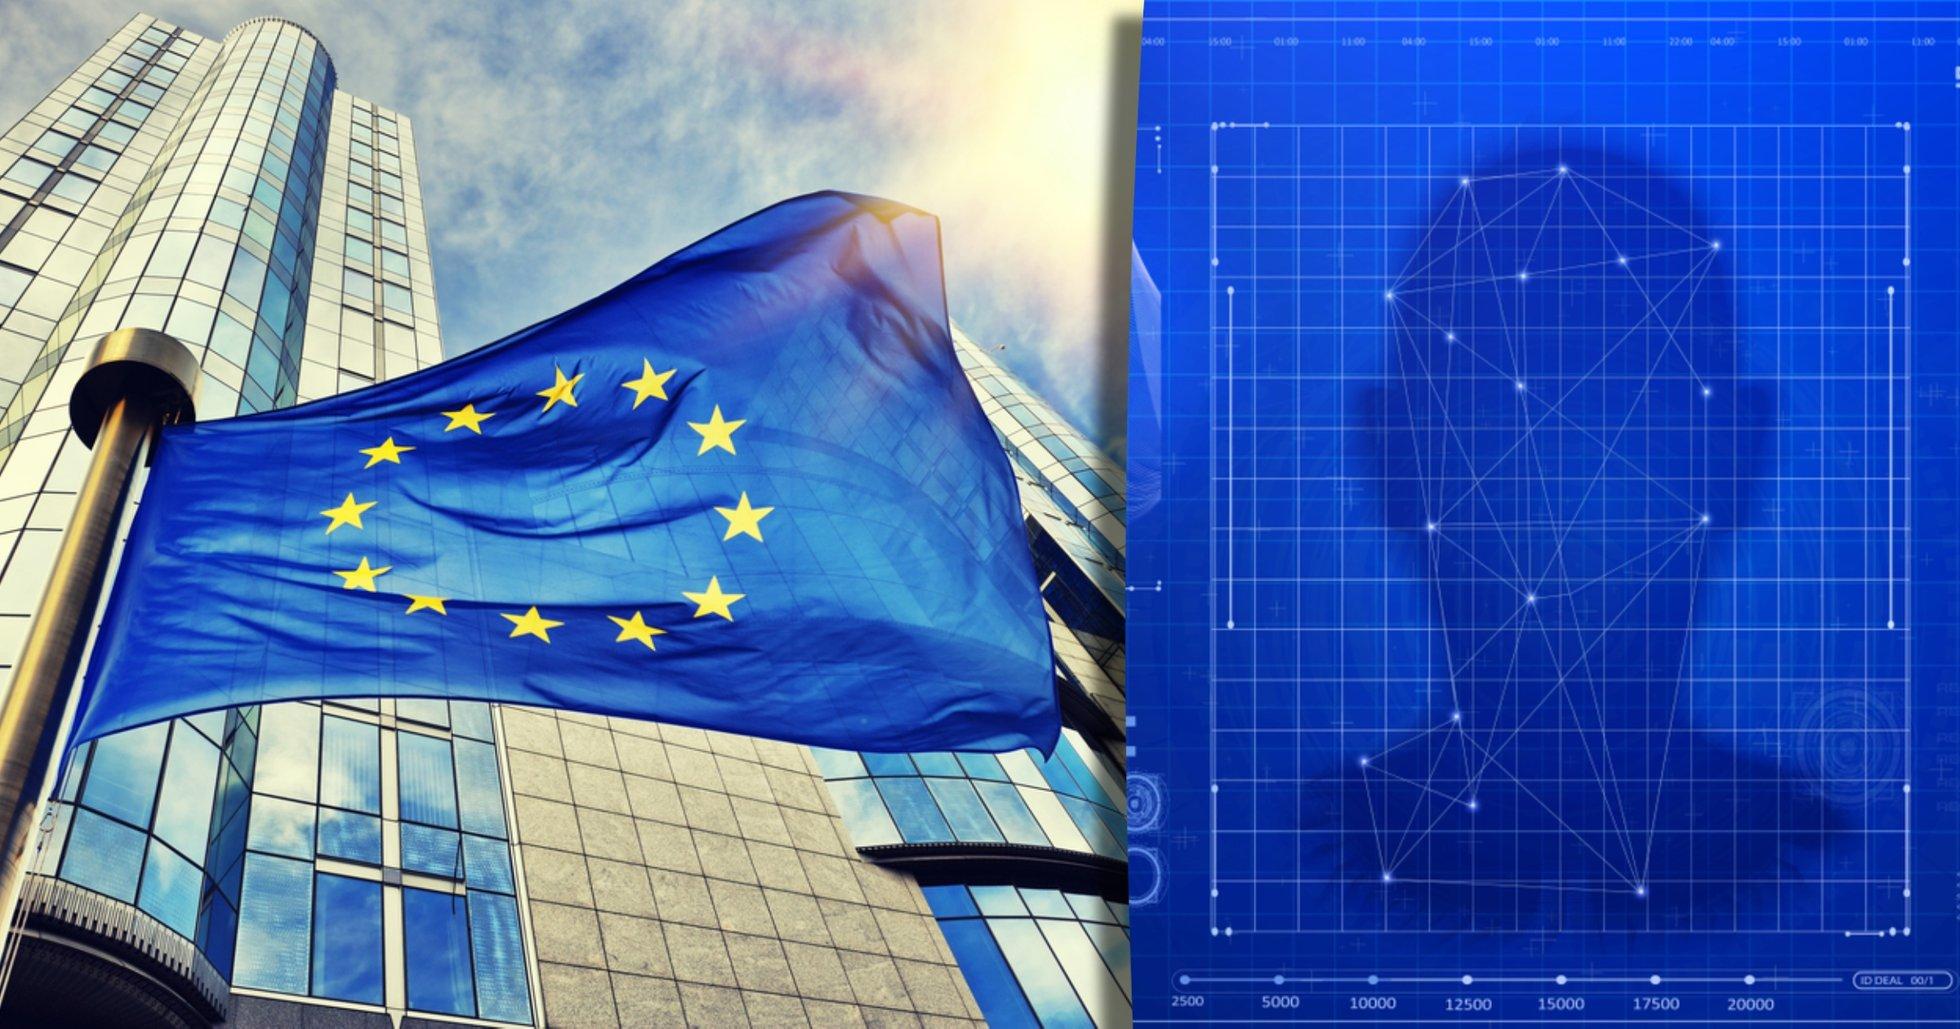 EU ska lansera plånboksapp med digitalt id-kort